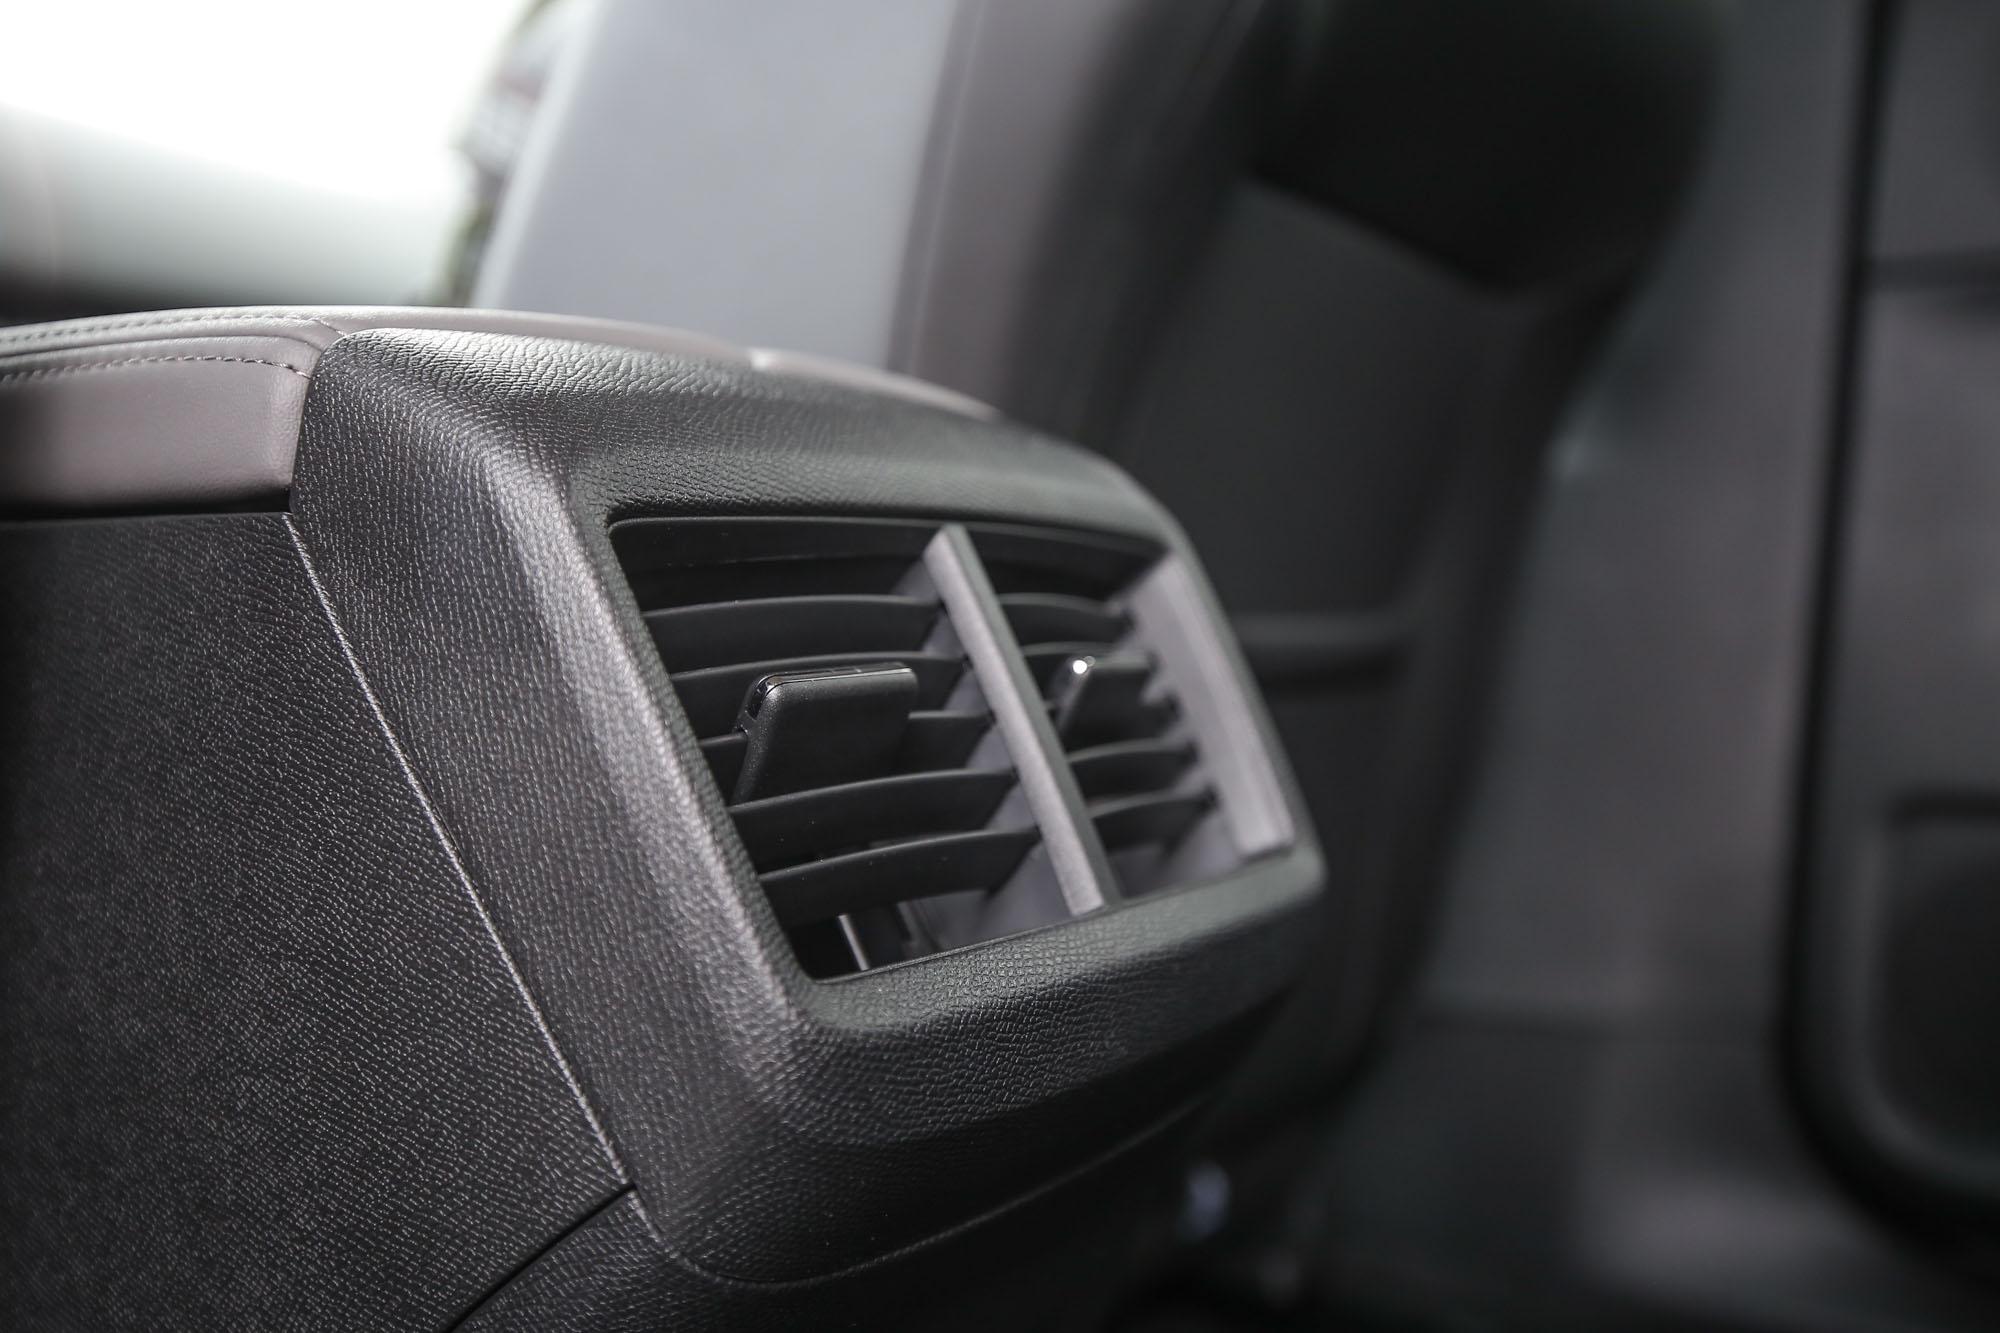 雙區恆溫空調系統並配有後座出風口。